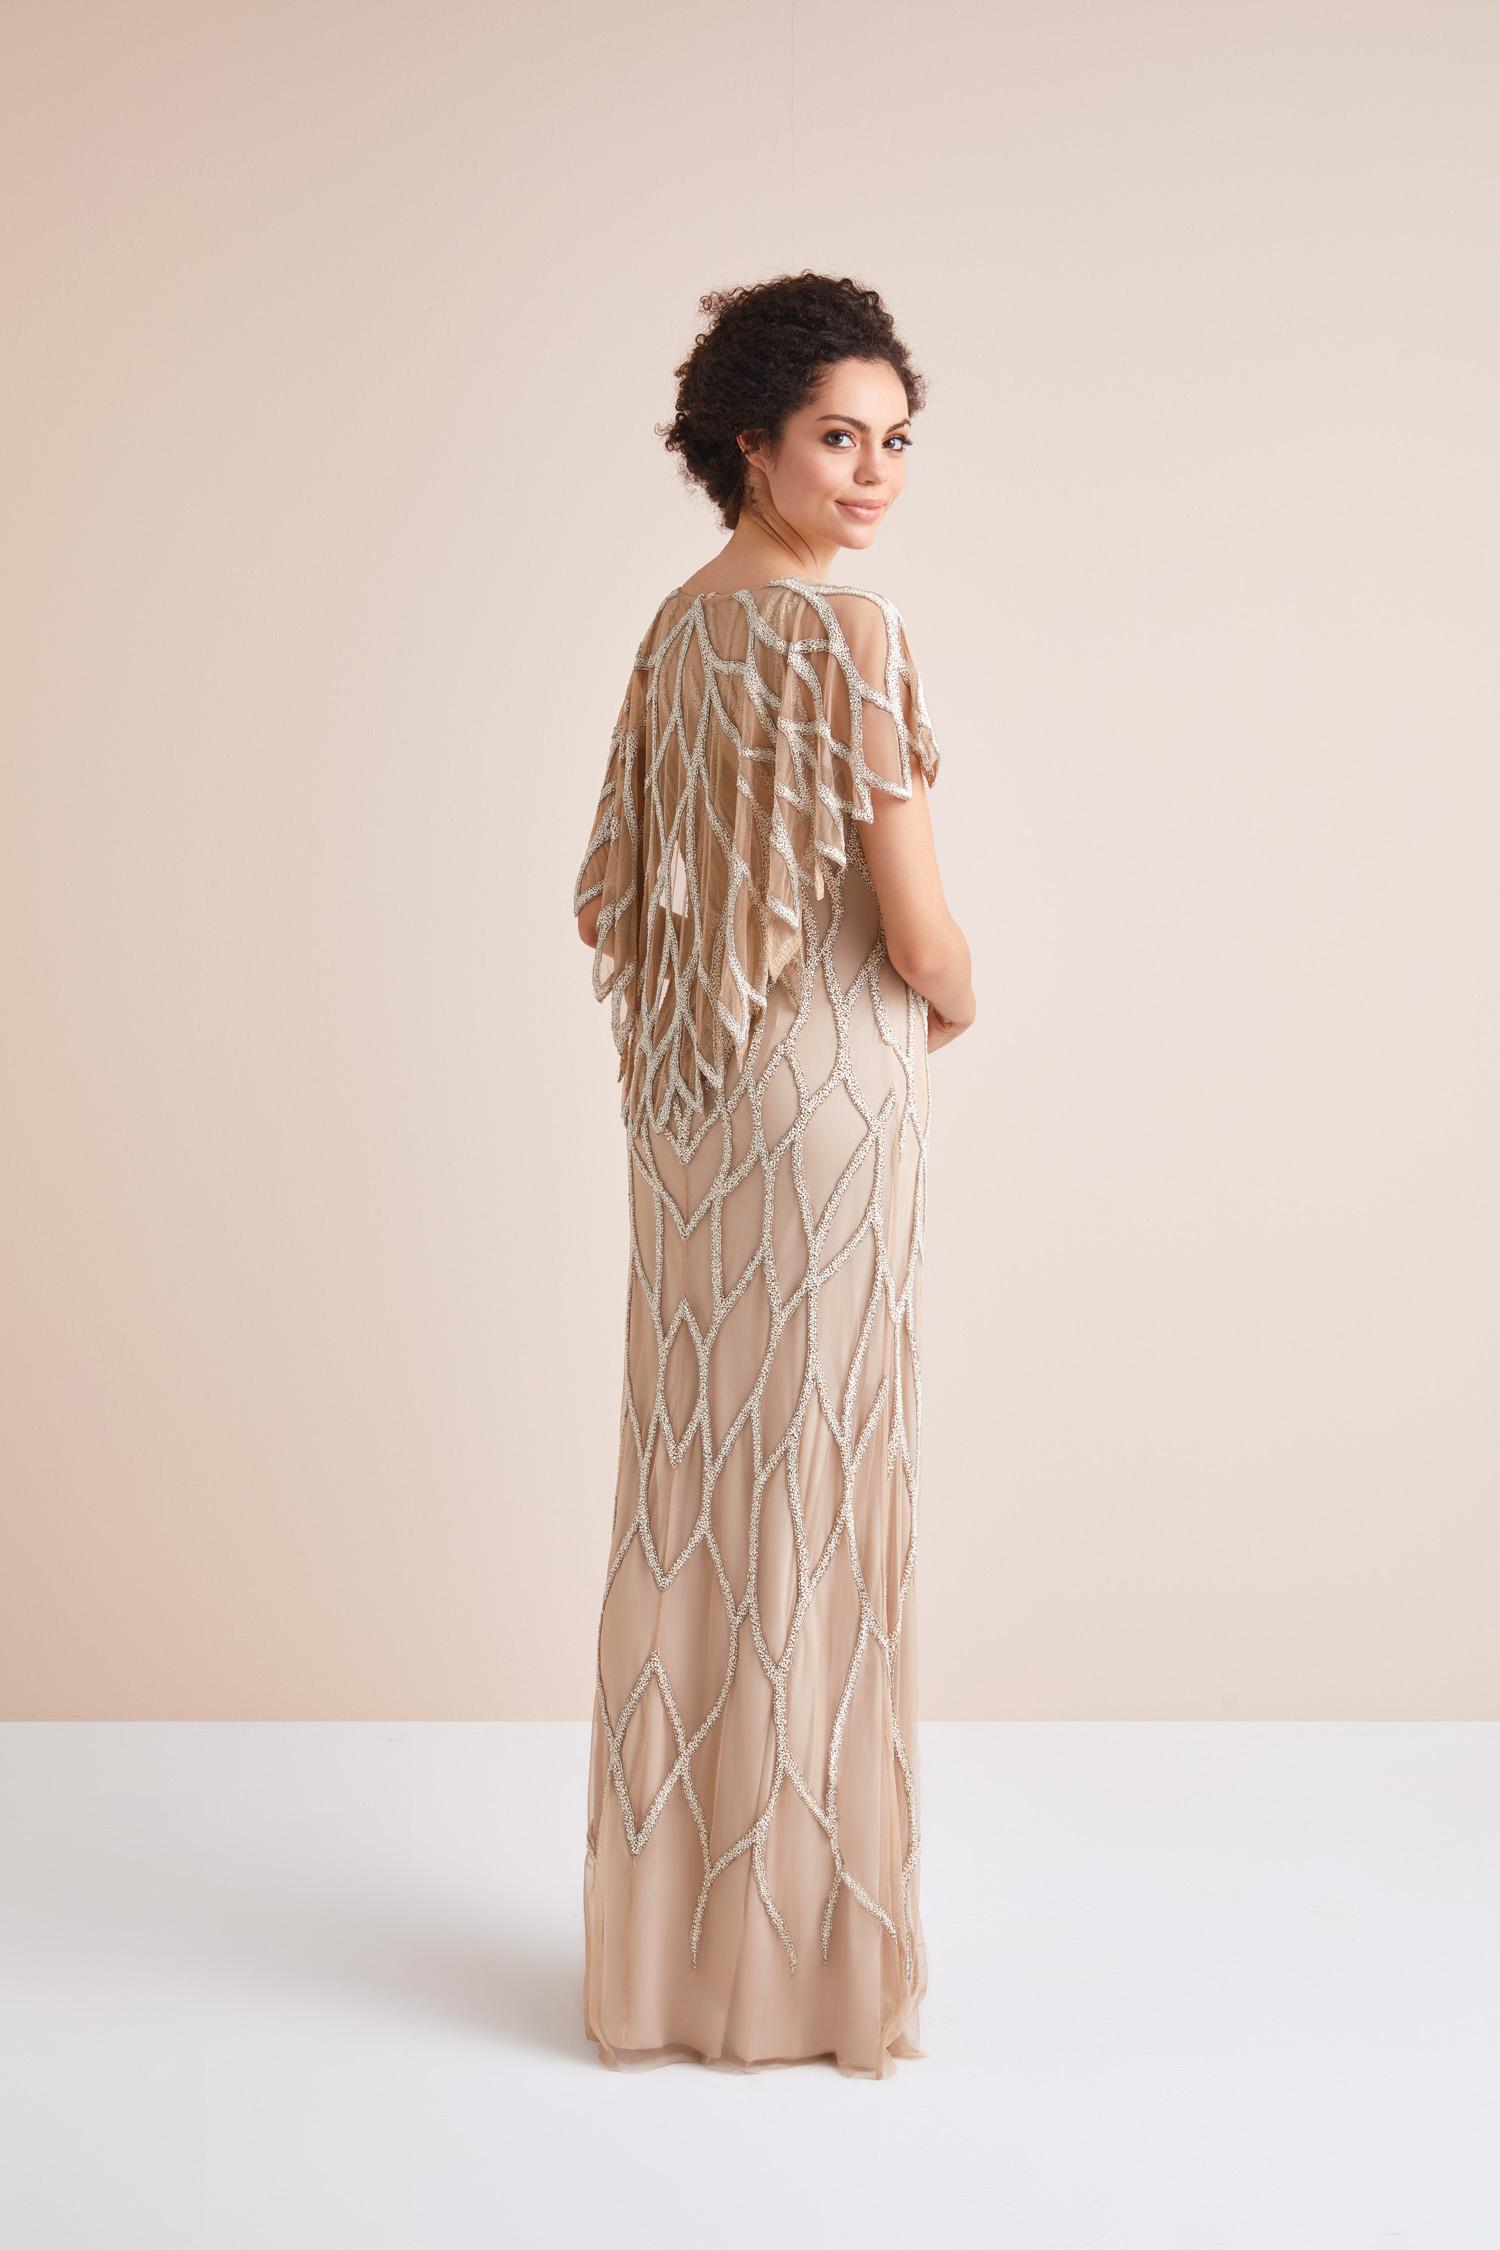 Kısa Kollu Payet İşlemeli Cappucino Rengi Uzun Abiye Elbise - Thumbnail